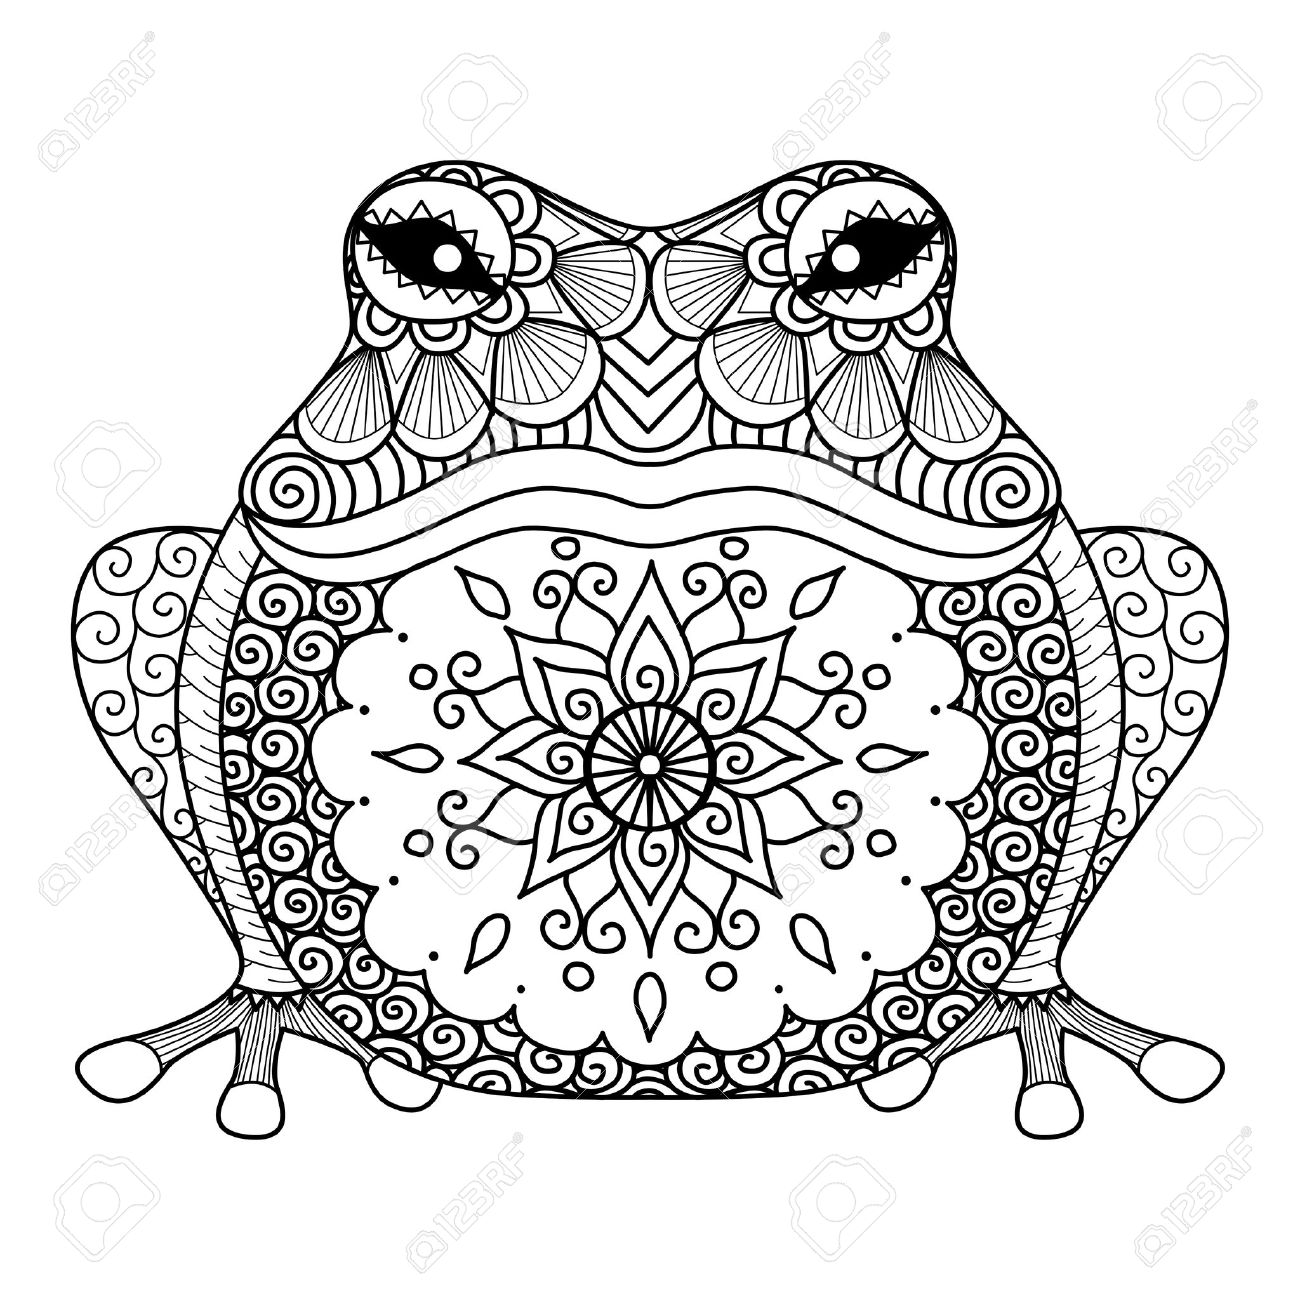 Diseño De La Rana Para Colorear